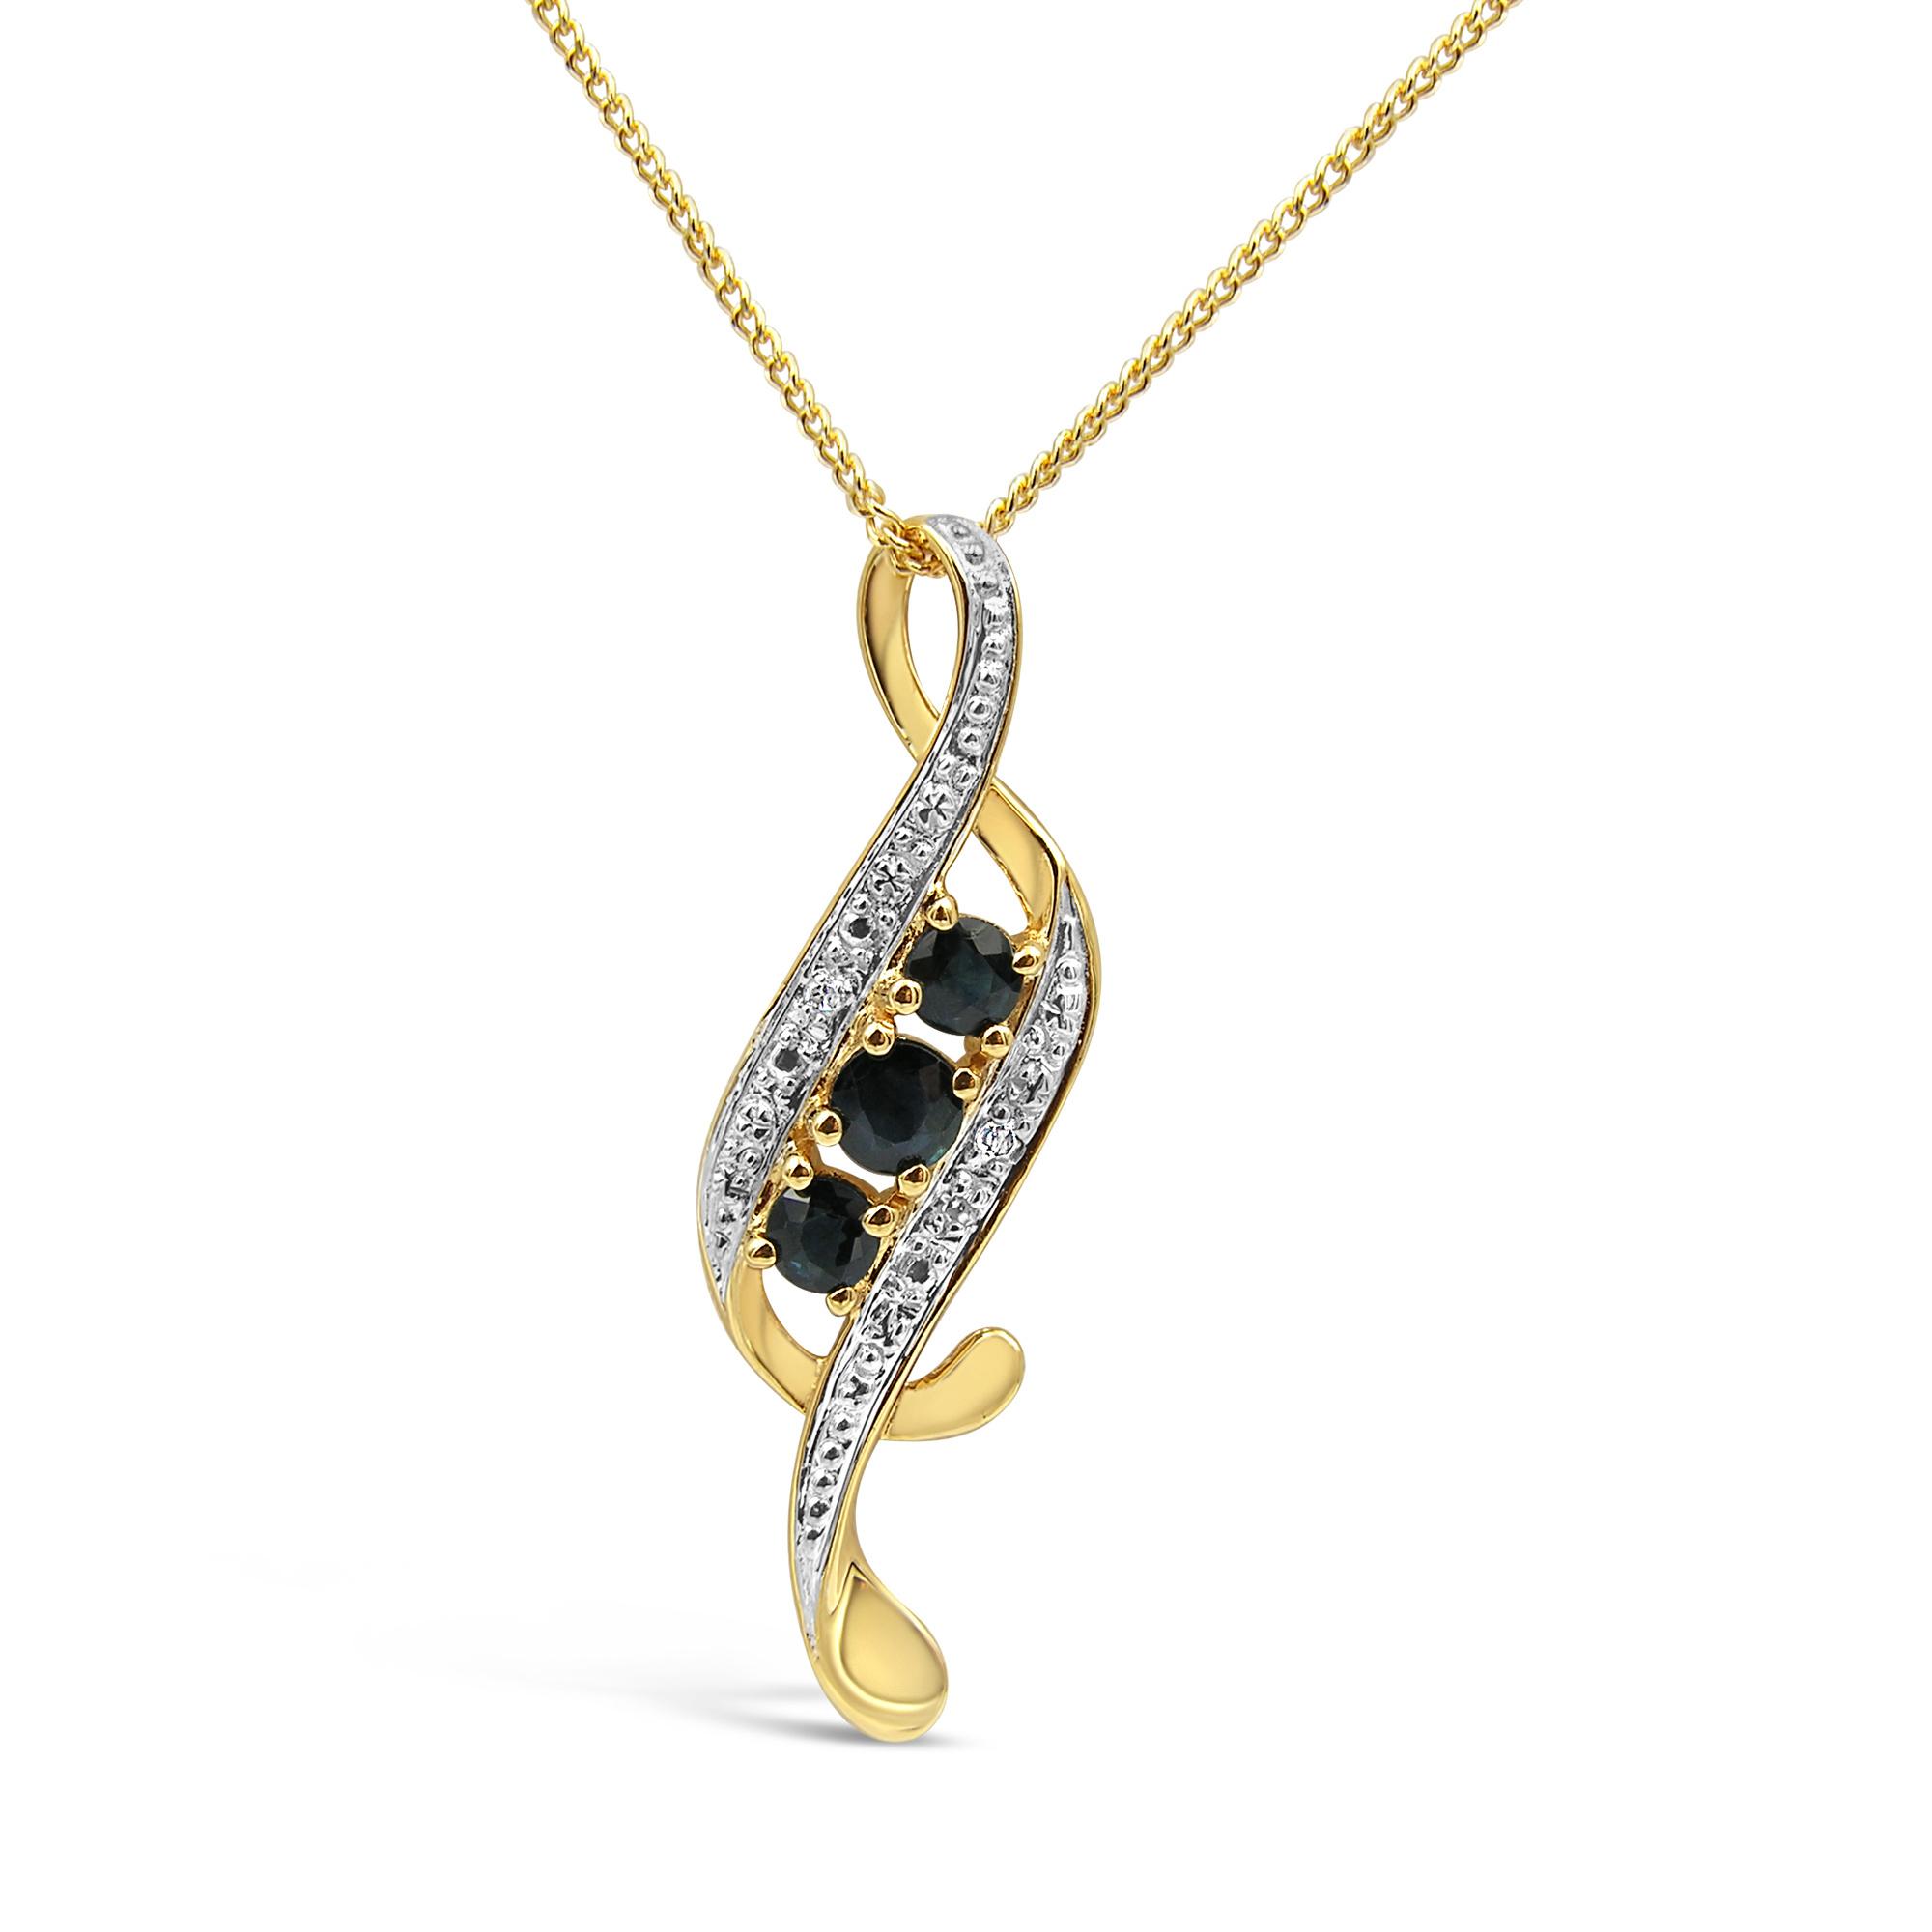 18 karaat geel & wit goud hanger met 0.02 ct diamanten & 0.33 ct safier